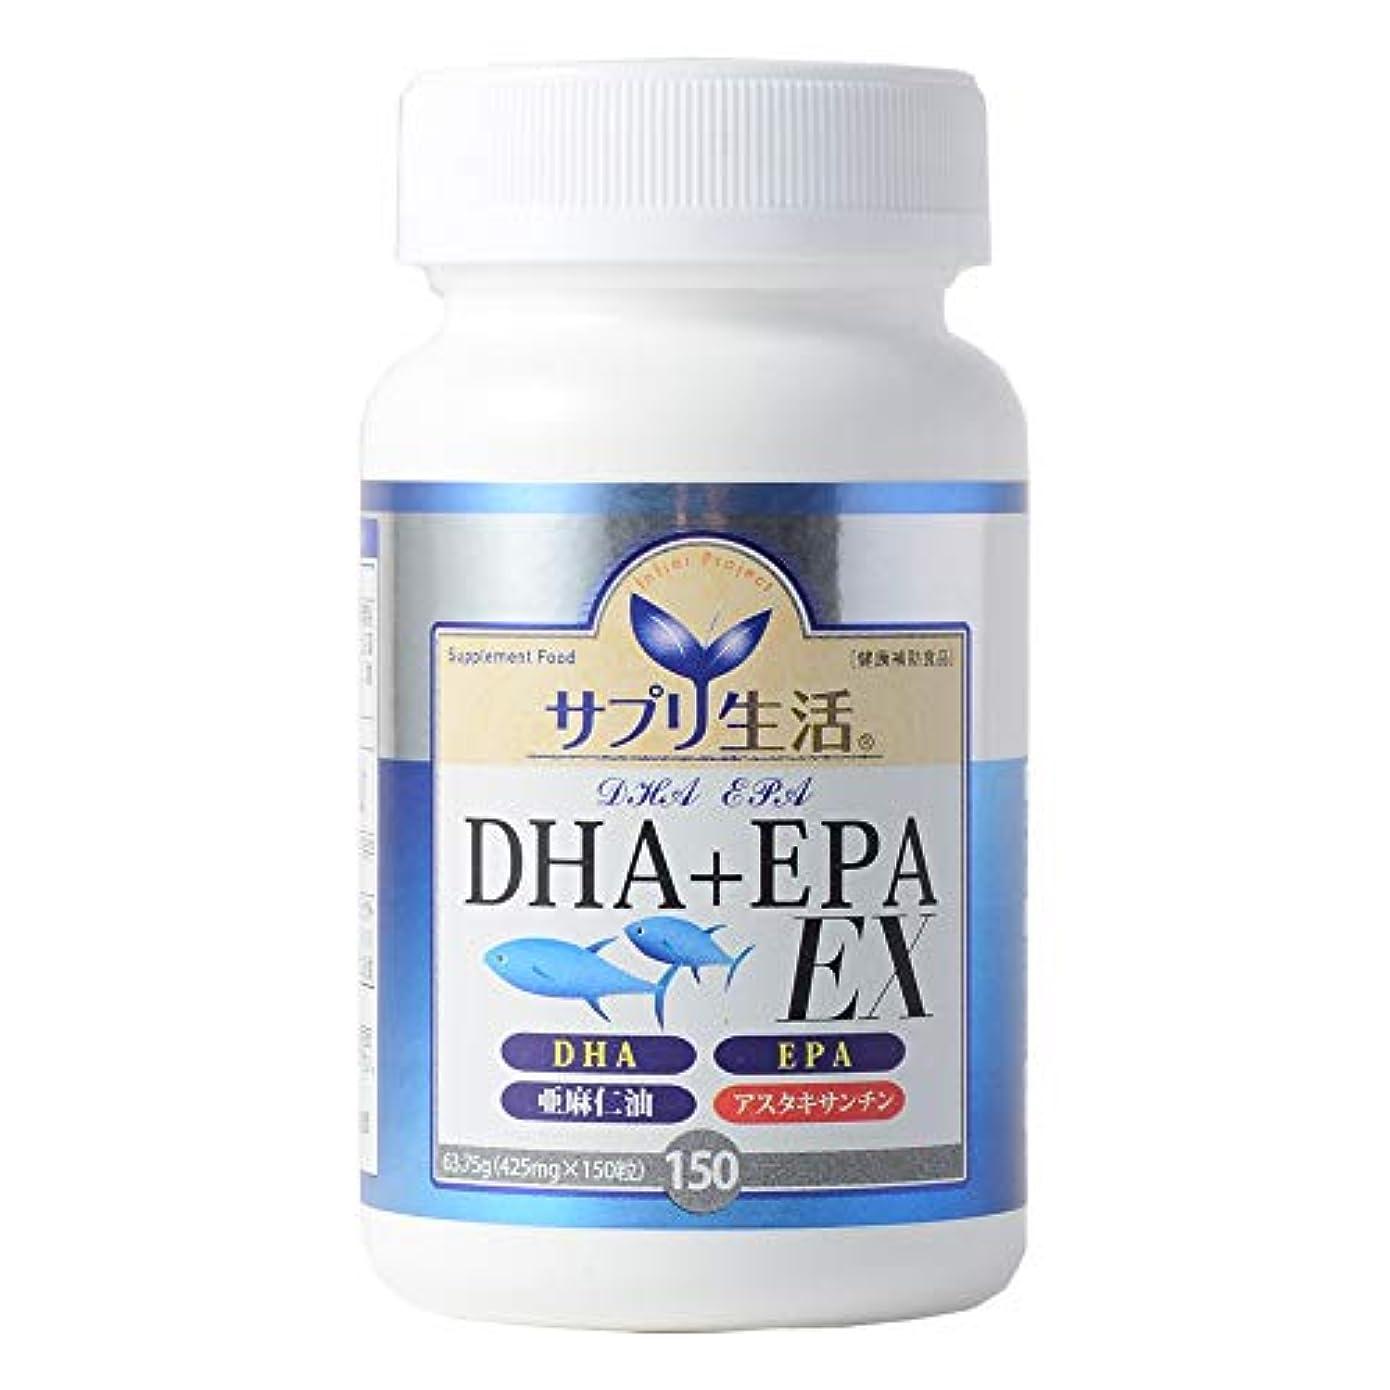 促す分解する別にサプリ生活 DHA+EPA EX